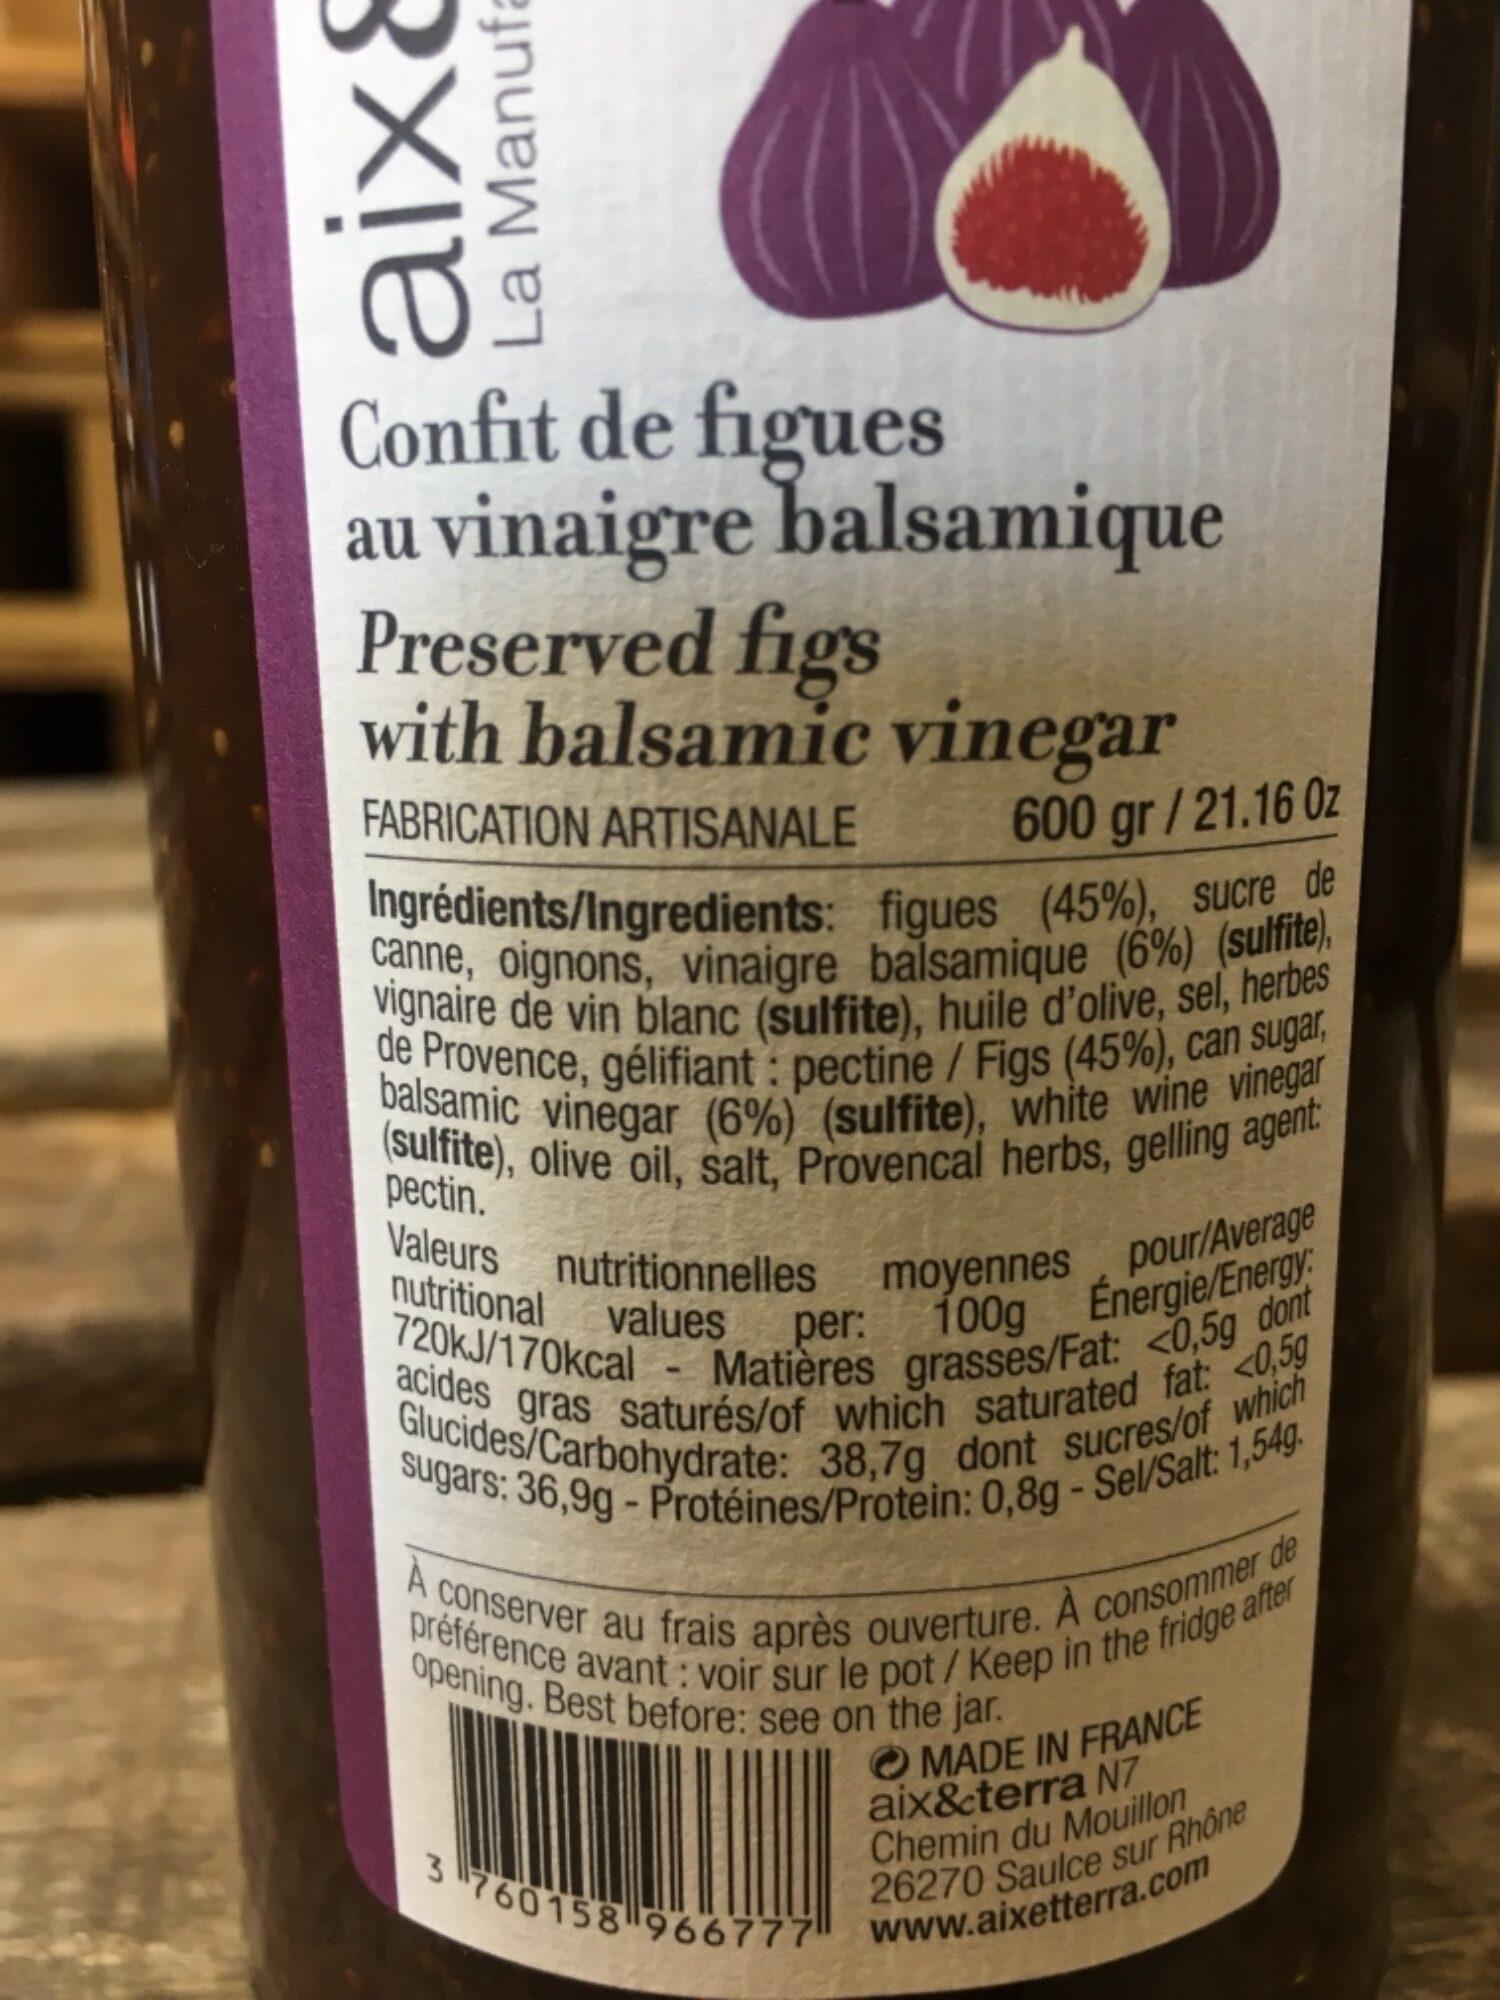 Confît de figues au vinaigre balsamique - Nutrition facts